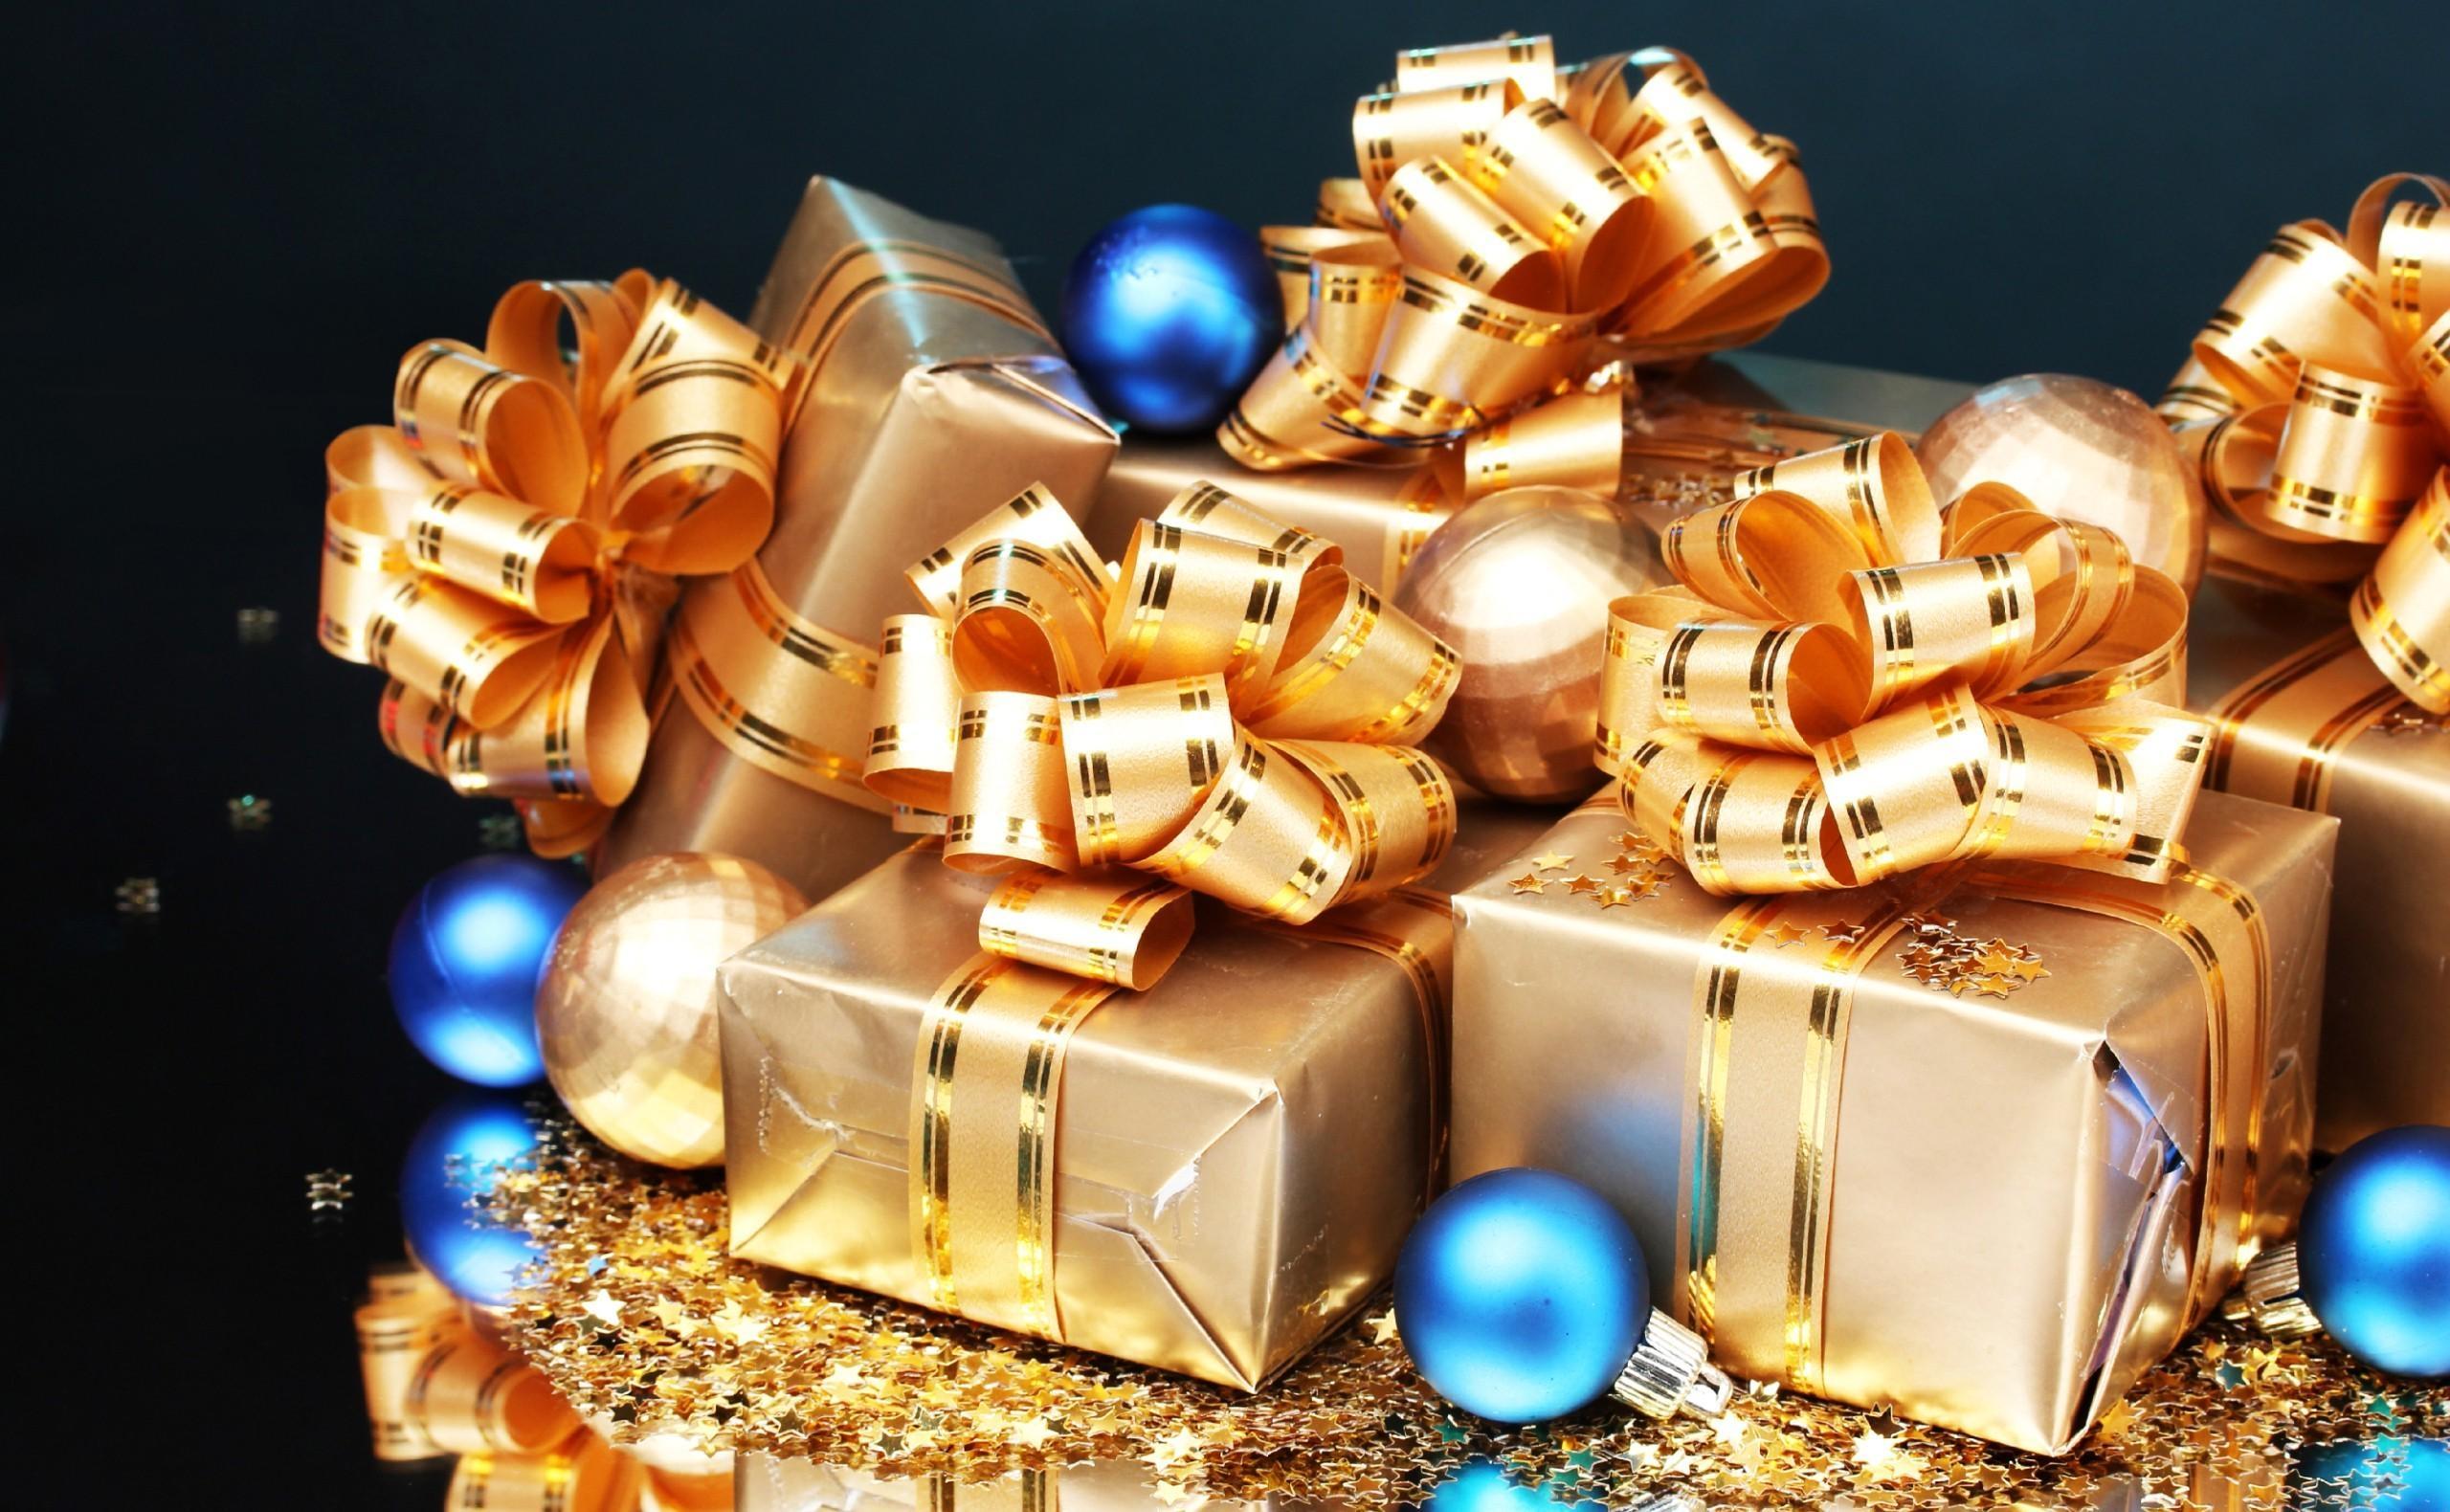 96195 Заставки и Обои Праздники на телефон. Скачать Праздники, Новый Год, Подарки, Много, Елочные Игрушки, Конфетти картинки бесплатно